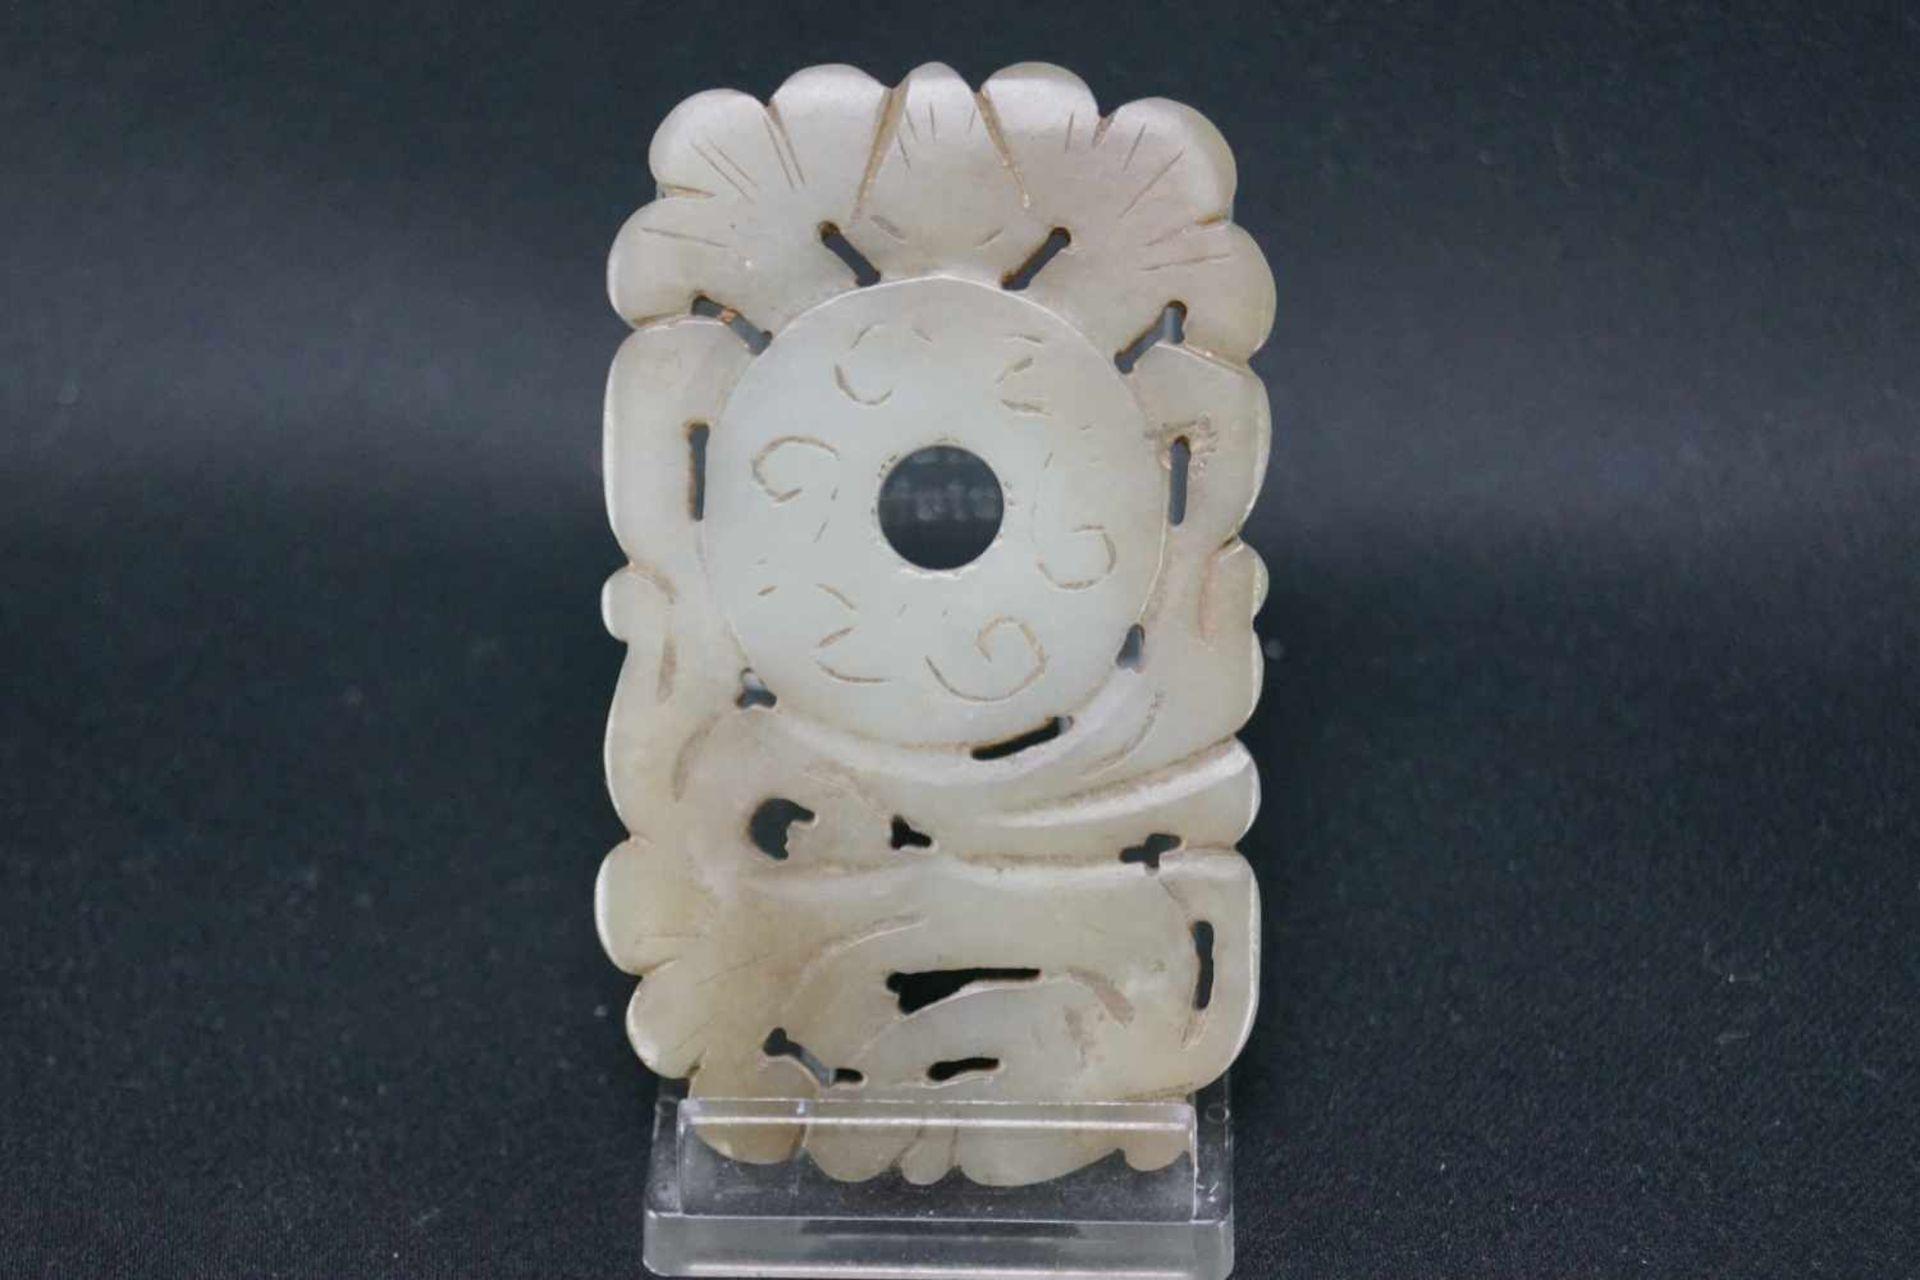 Drei Jadeschnitzereienhellgrüne Jade, im archaischen Stil, Maße der eckigen Schnitzereien Höhe 7 - Bild 3 aus 7